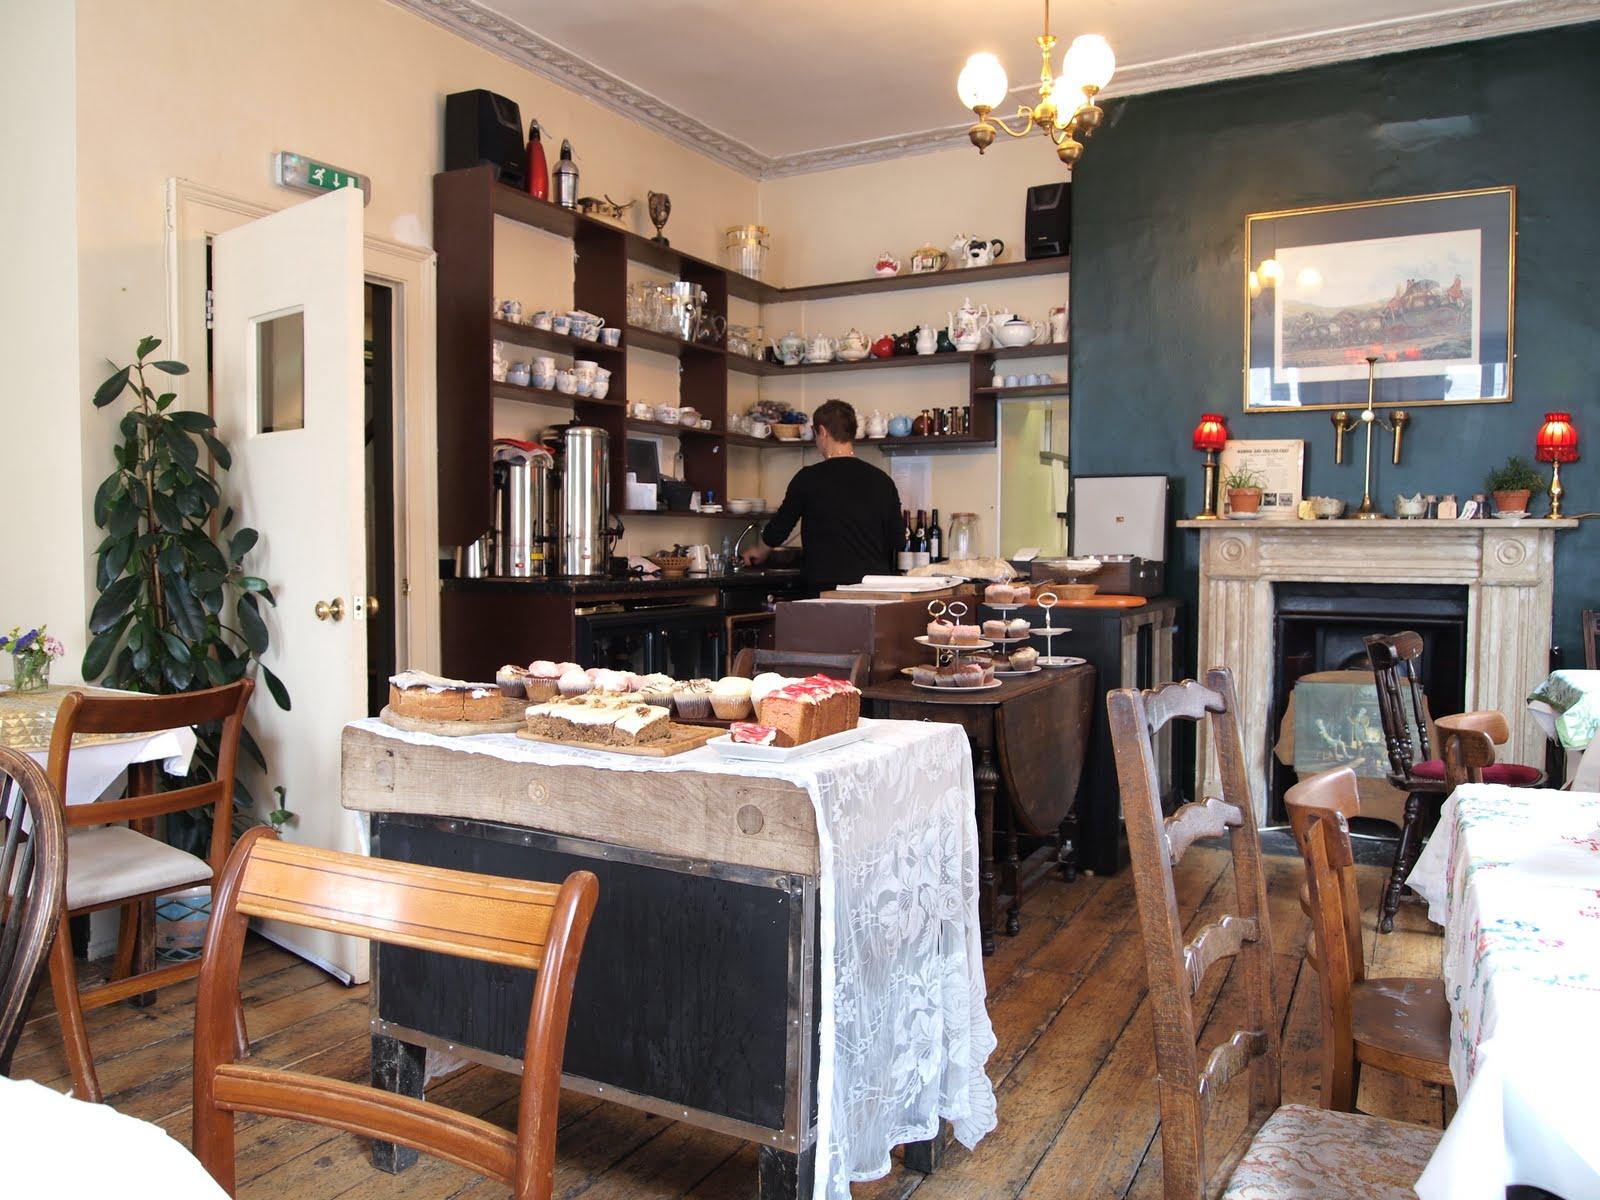 Afternoon tea total review soho 39 s secret tearoom for Tea room design quarter